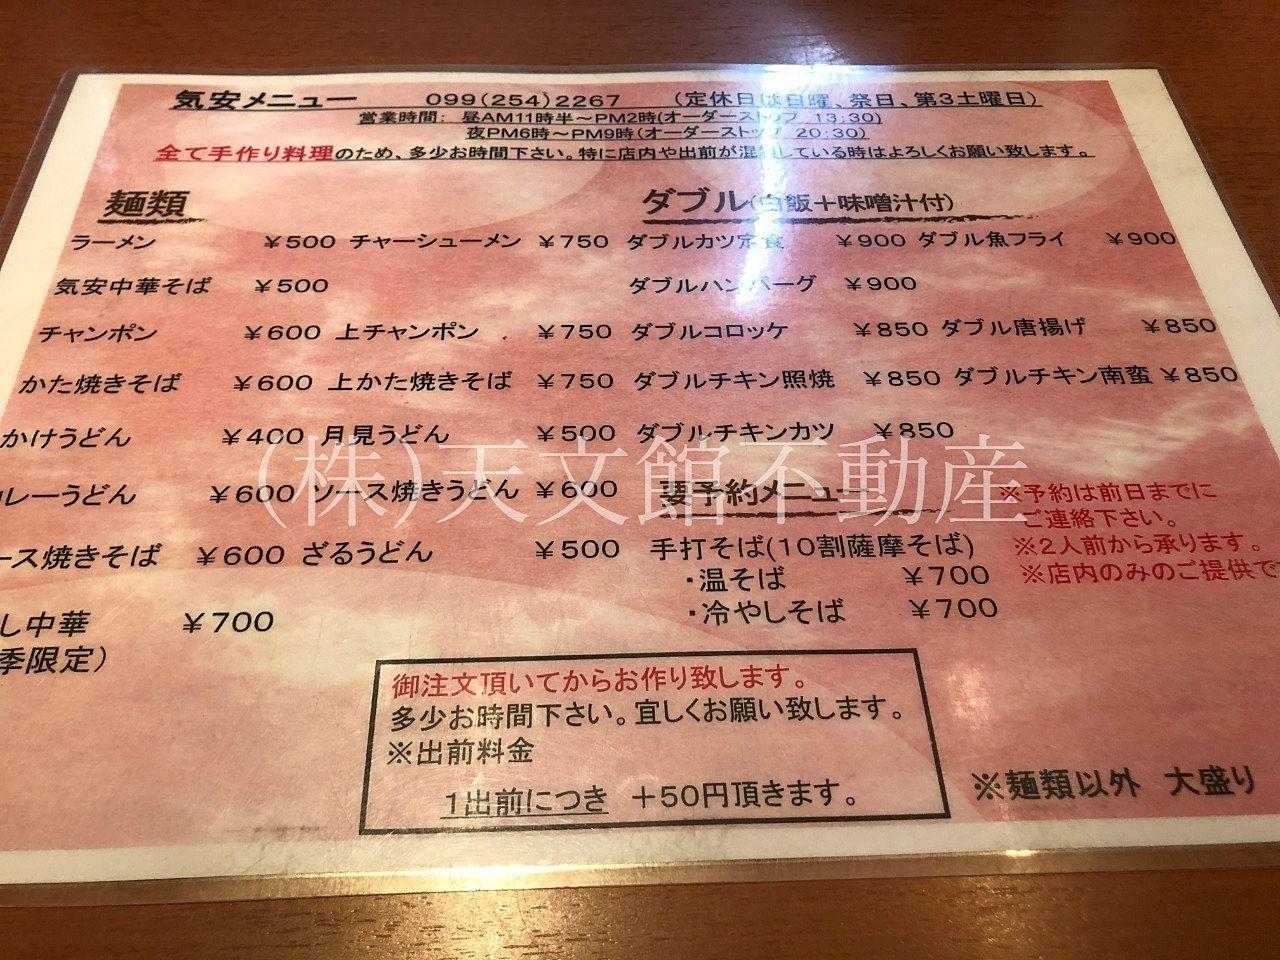 鹿児島市高麗町の気安のメニュー表です。ダブルは大盛りの定食になります。